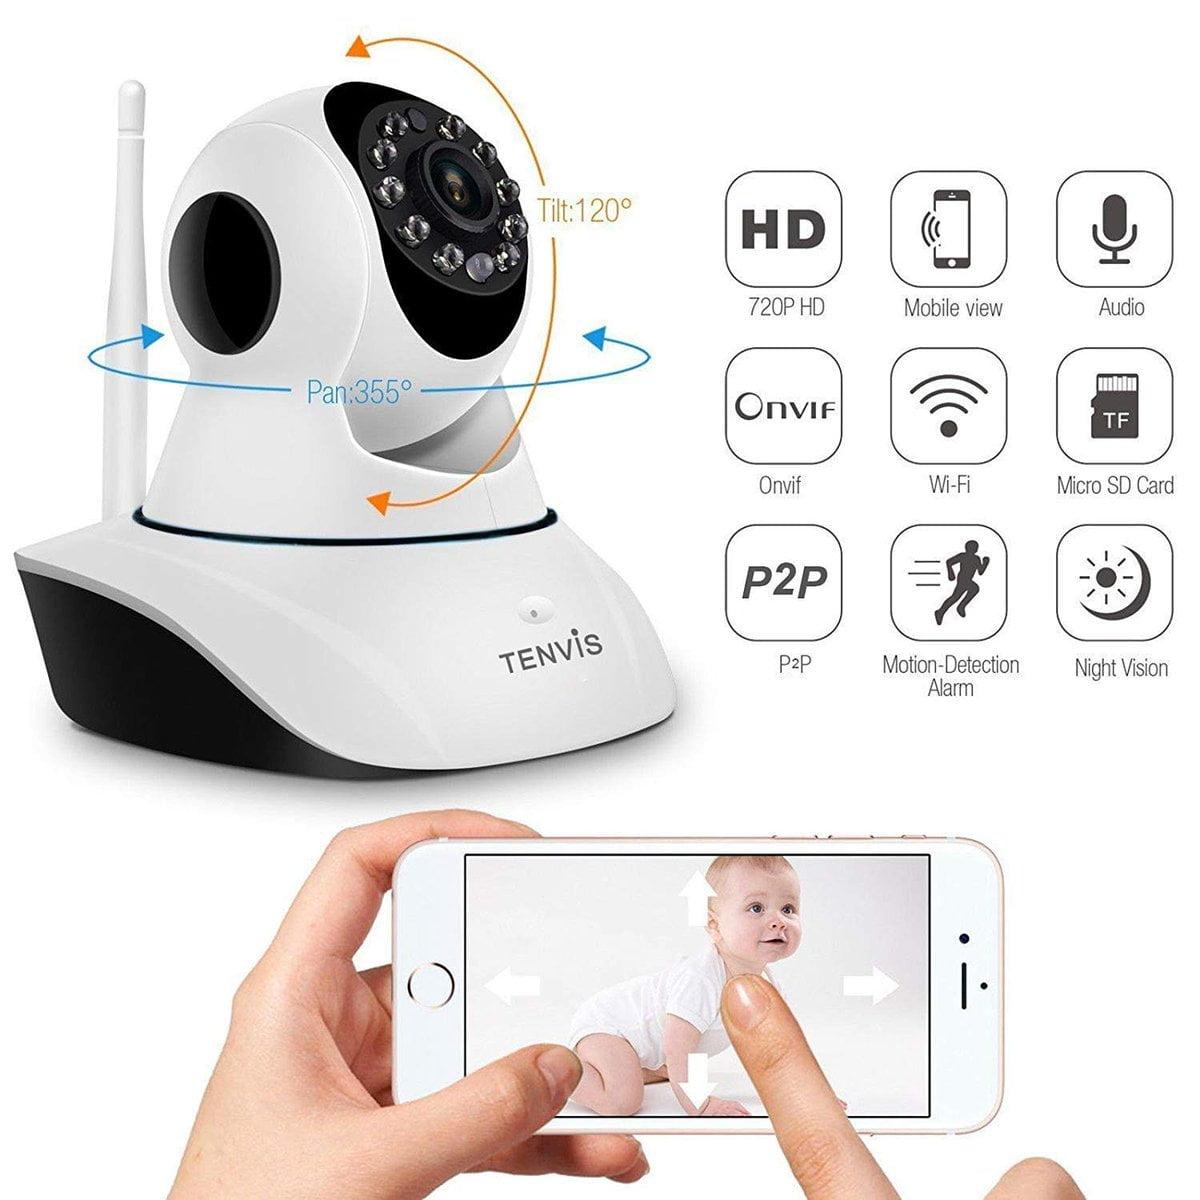 Caméra de surveillance wifi : Pourquoi avoir cette caméra de surveillance ?